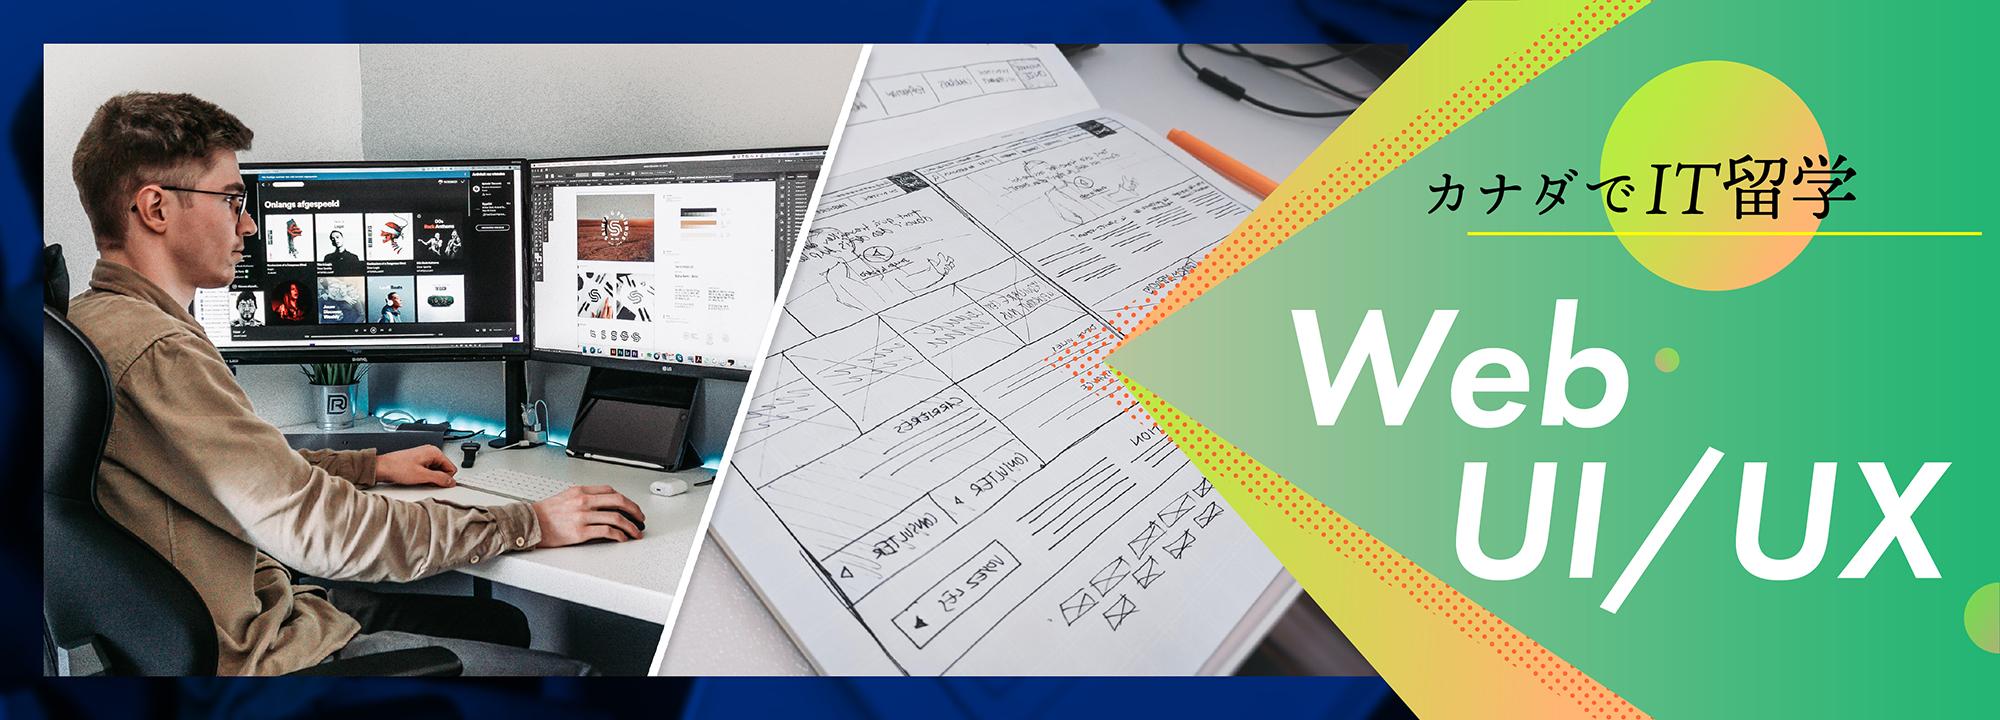 カナダでIT留学 UI/UX WEBデザイン